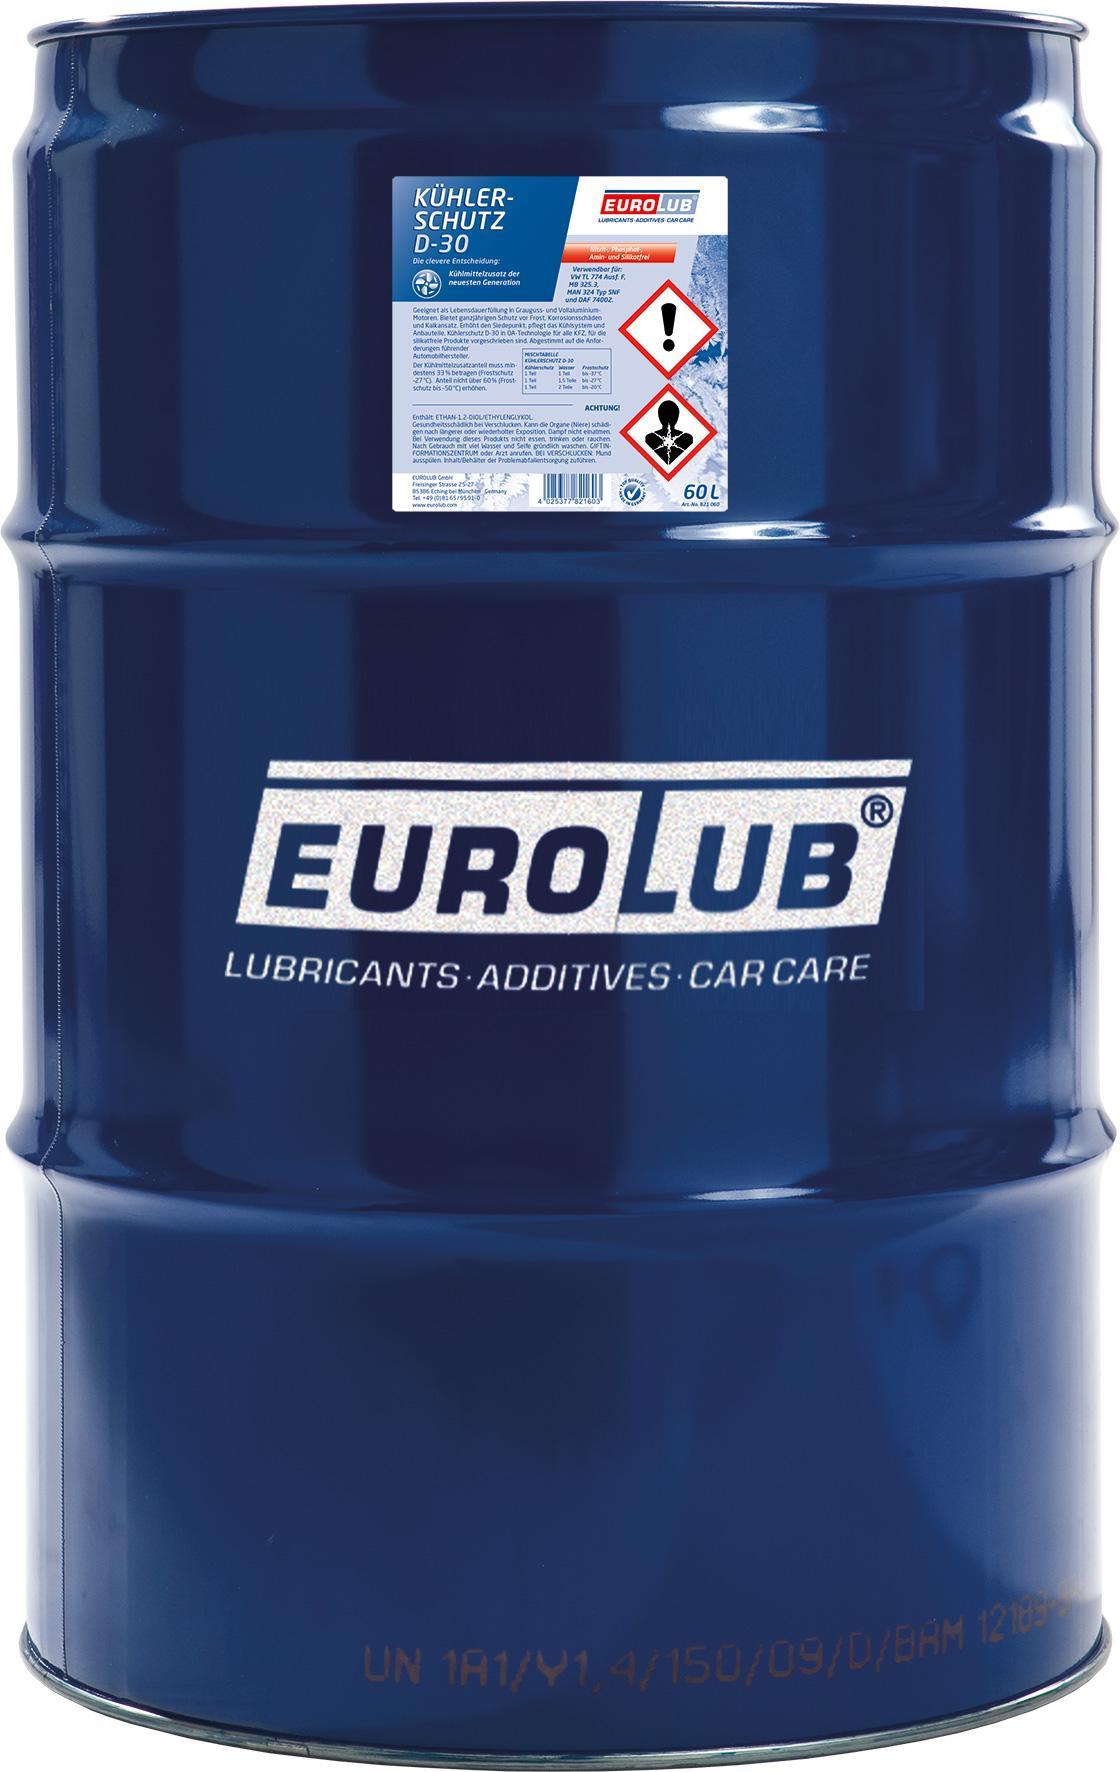 EUROLUB Frostschutz für MAN - Artikelnummer: 821060